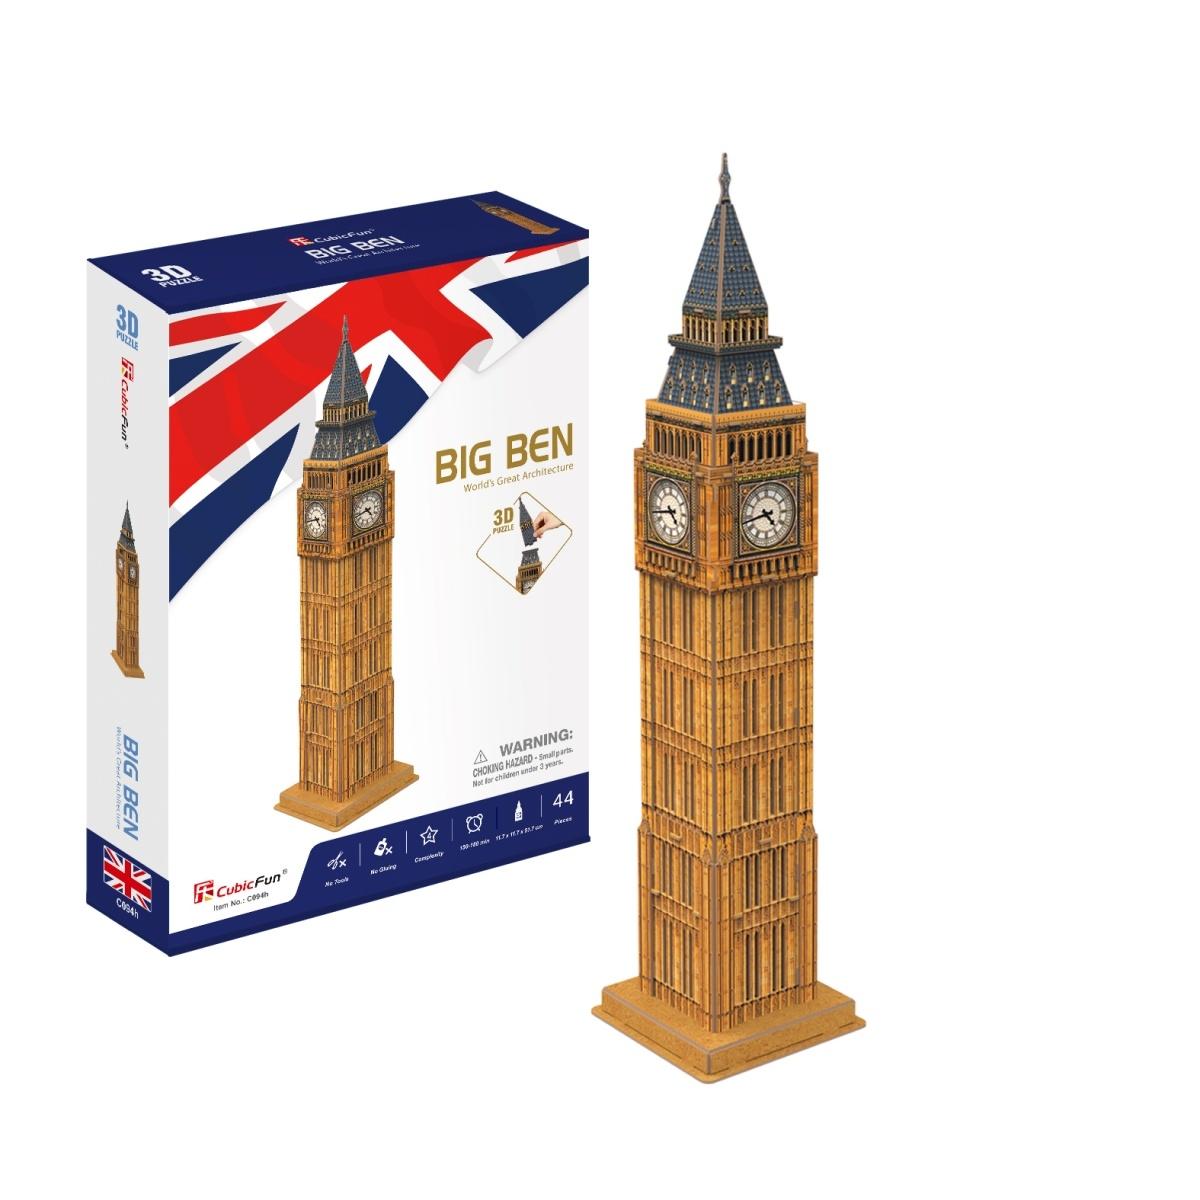 Puzzle 3D: Zegar Big Ben MIX (306-20094)